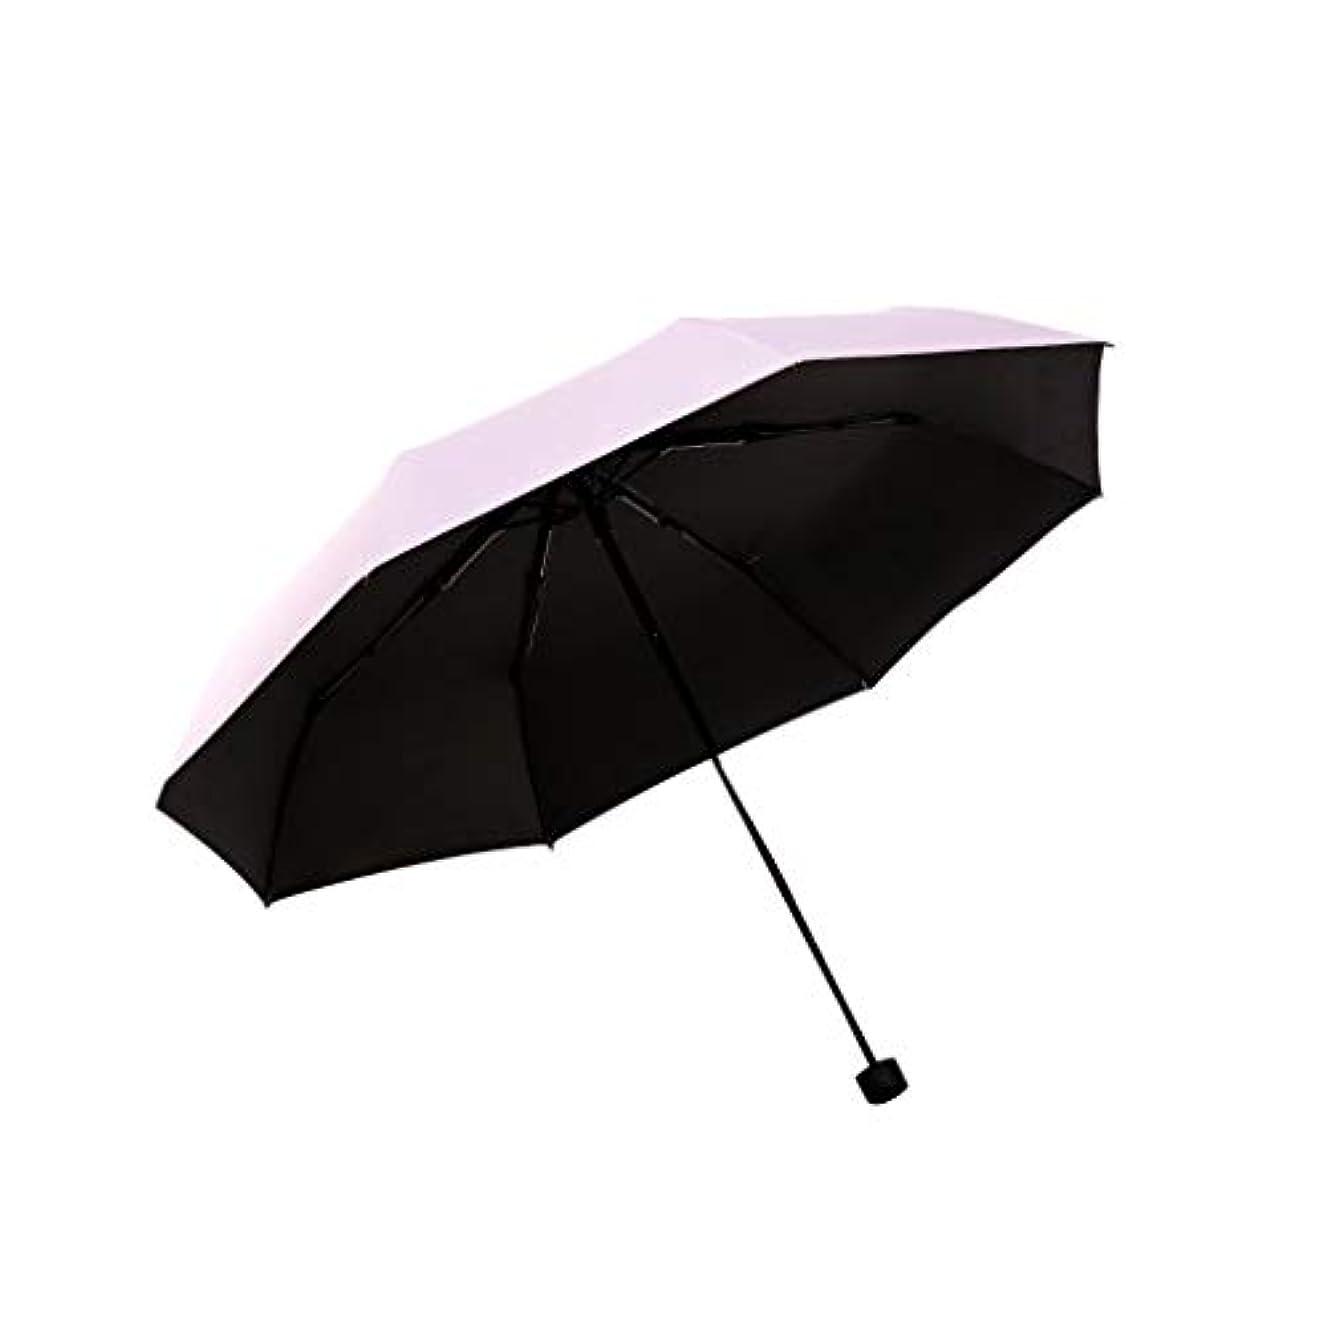 融合オークションクライアント日傘男性と女性傘傘傘超軽量UV家庭用傘折りたたみ屋外特別小さな便利な日焼け止め防水日傘 (色 : ピンク)